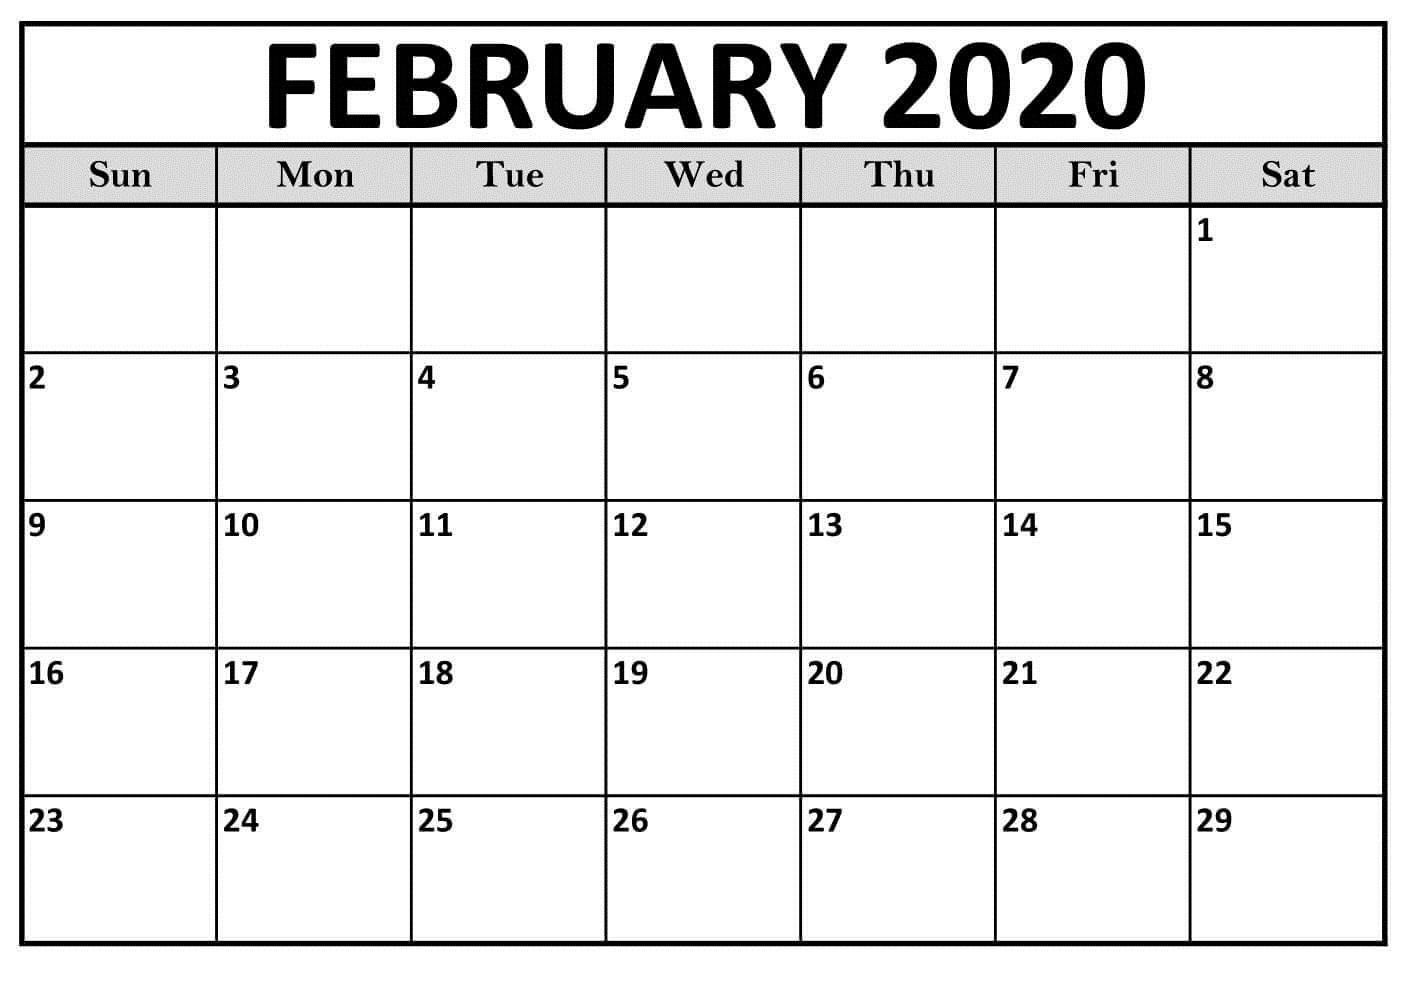 Calendar February 2020 Printable PDF